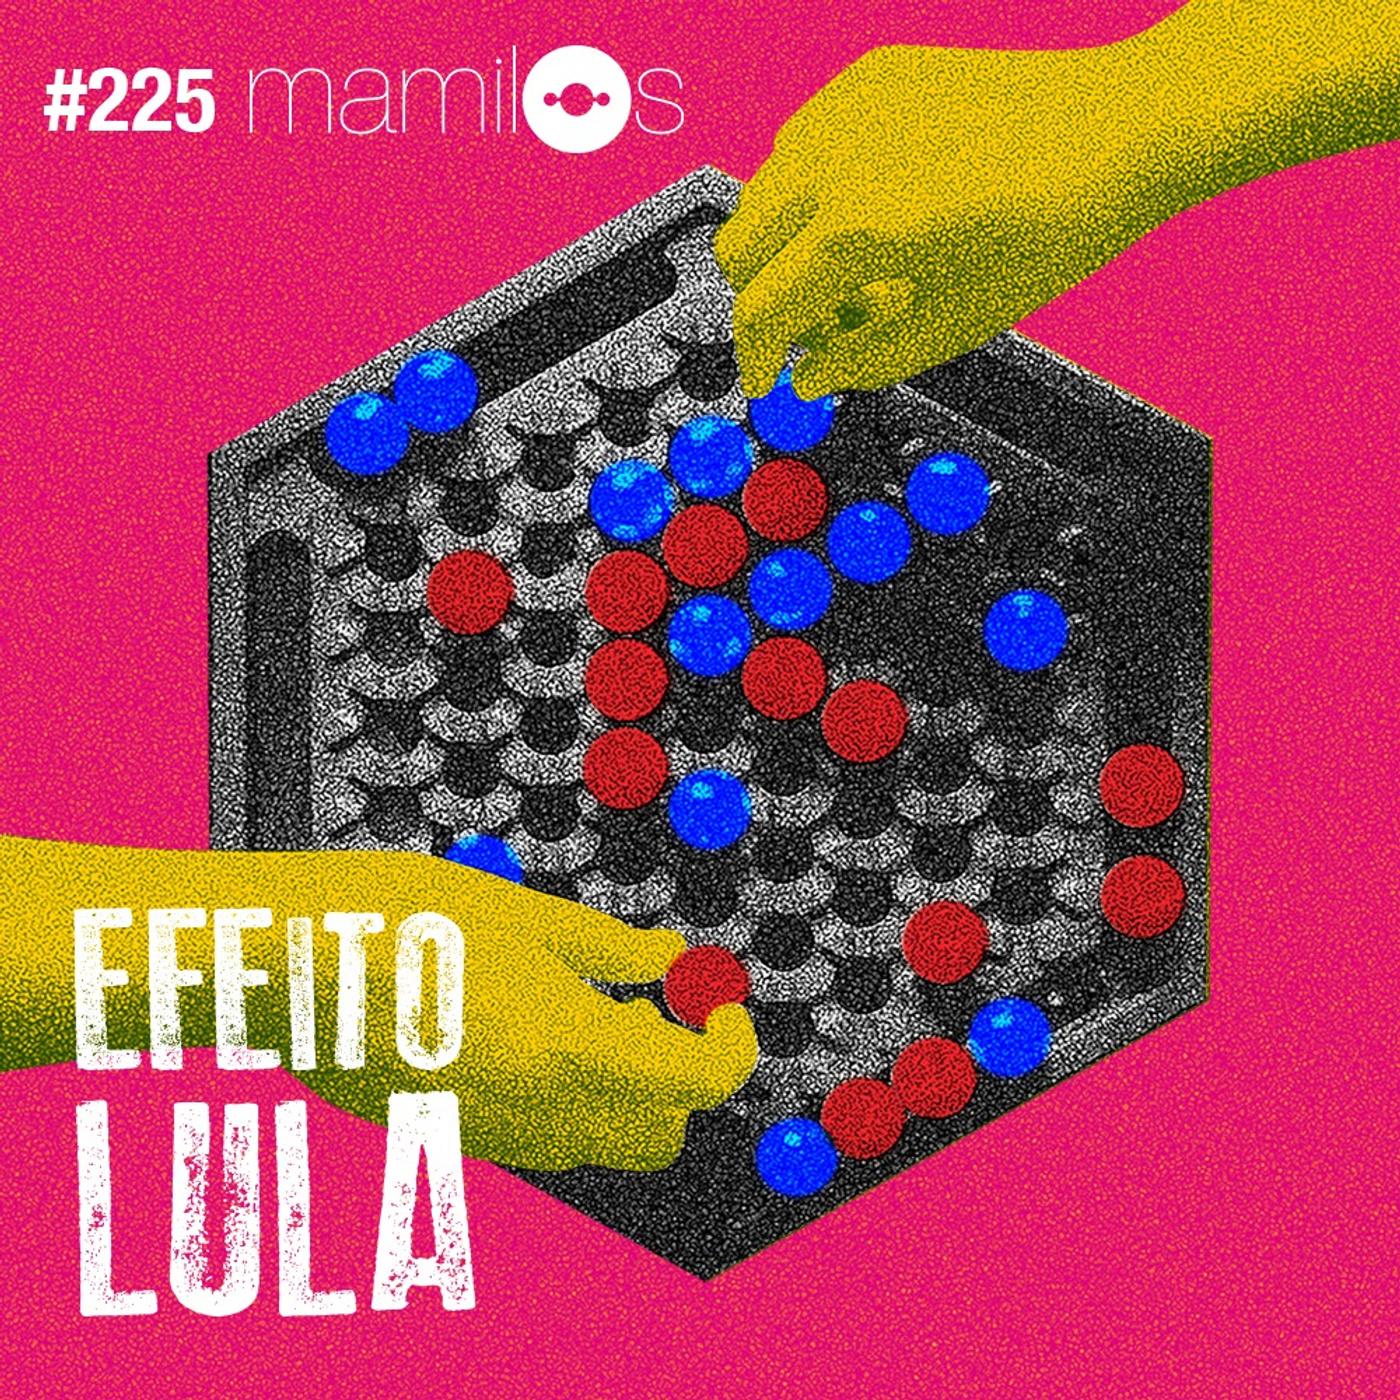 Efeito Lula